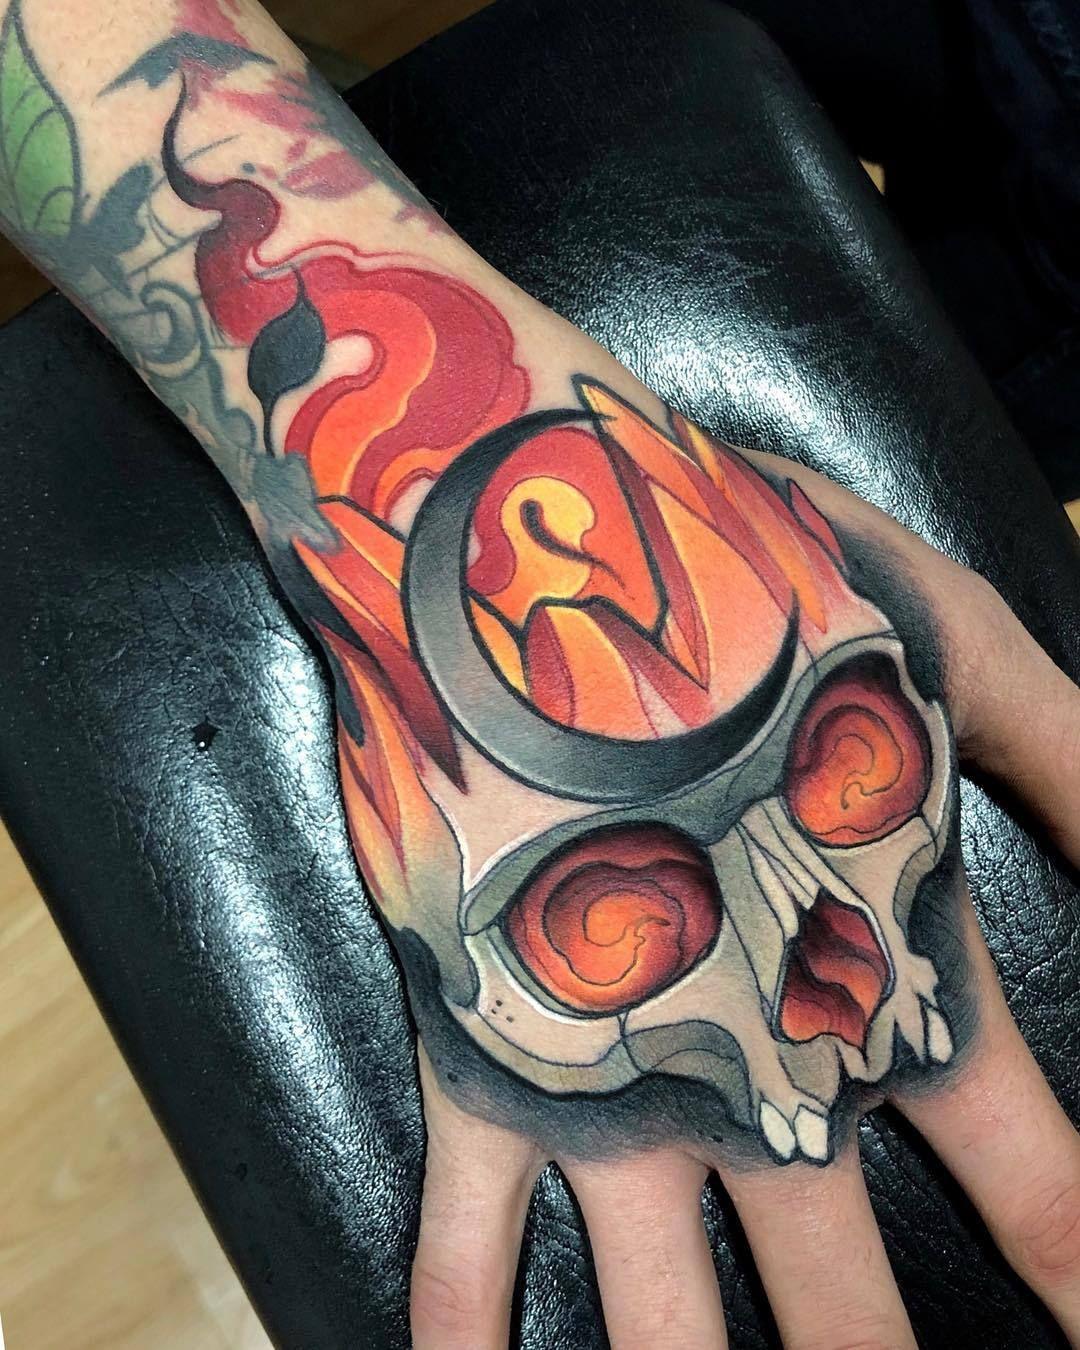 Juan David Rendon Hand Tattoos Tattoos Traditional Tattoo